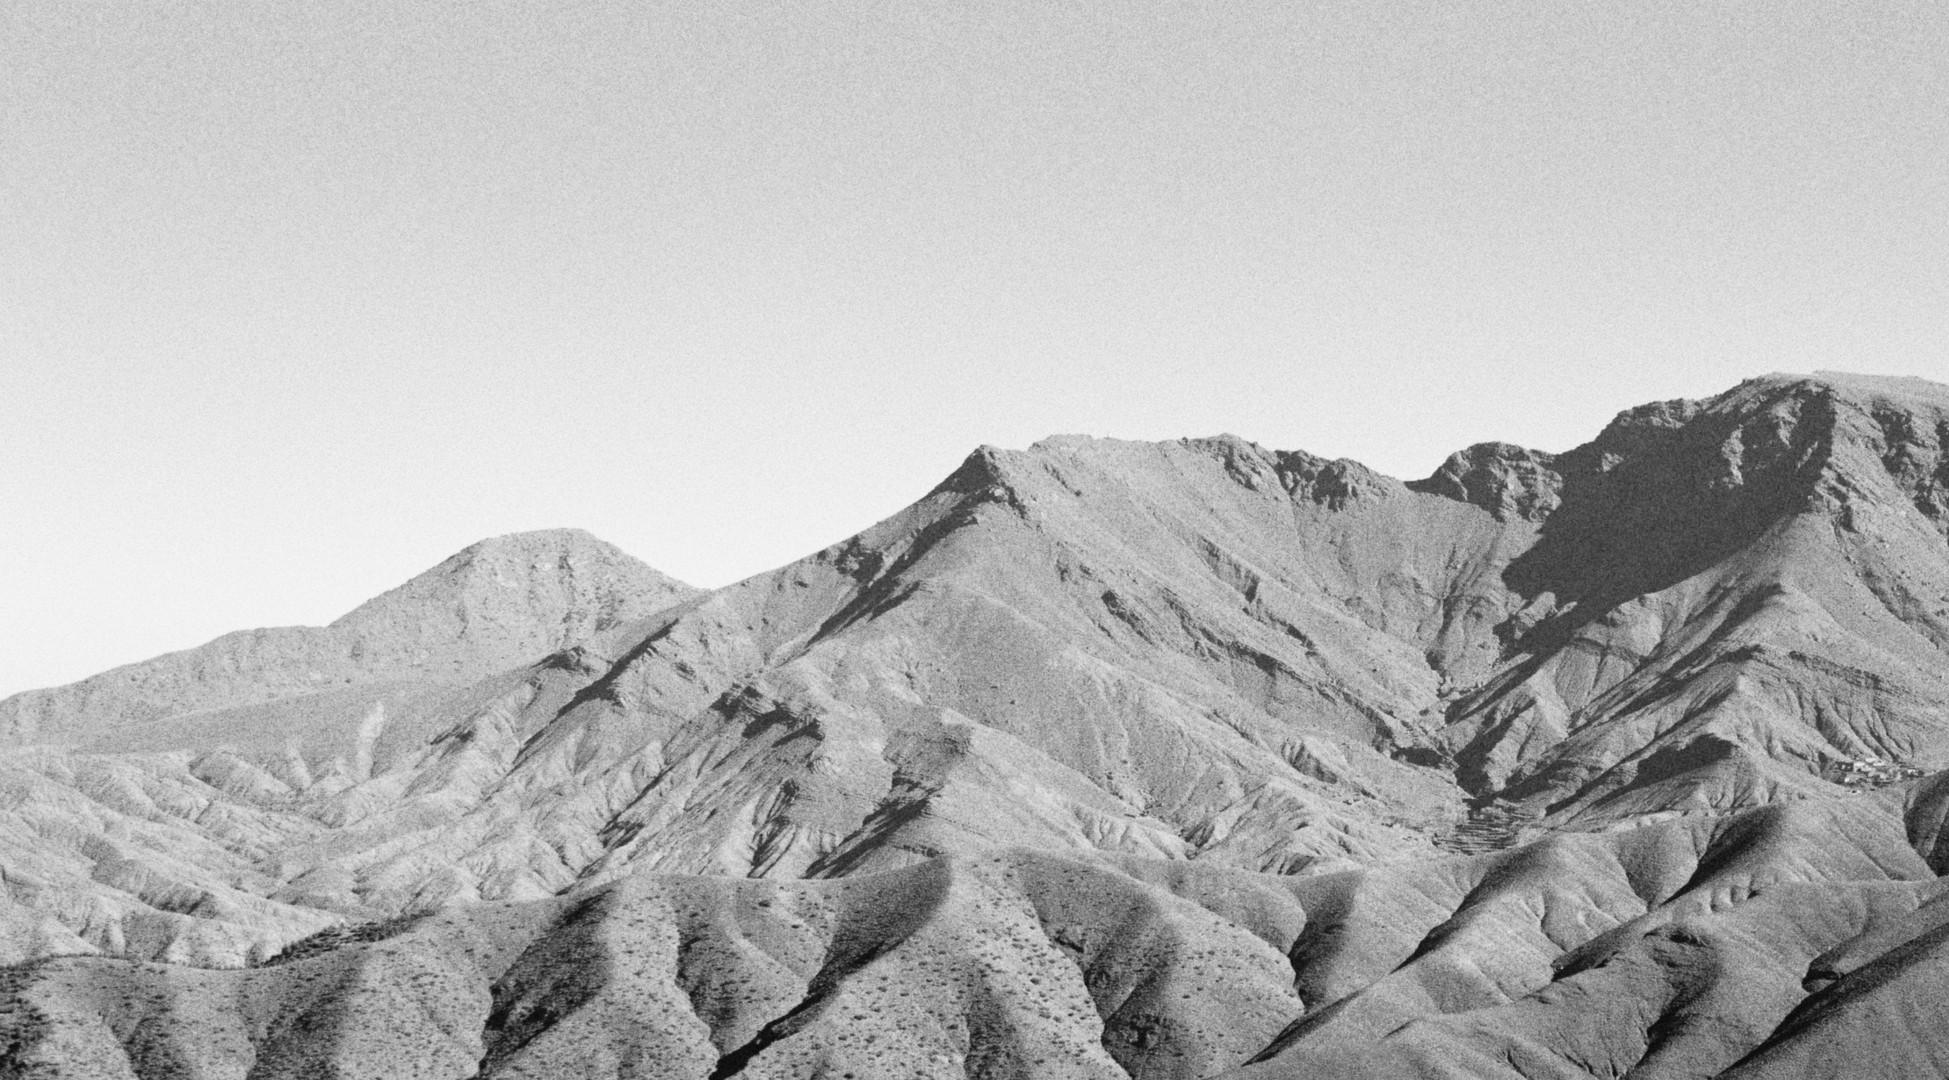 Poética natura - Misc Monochrome 10 - D